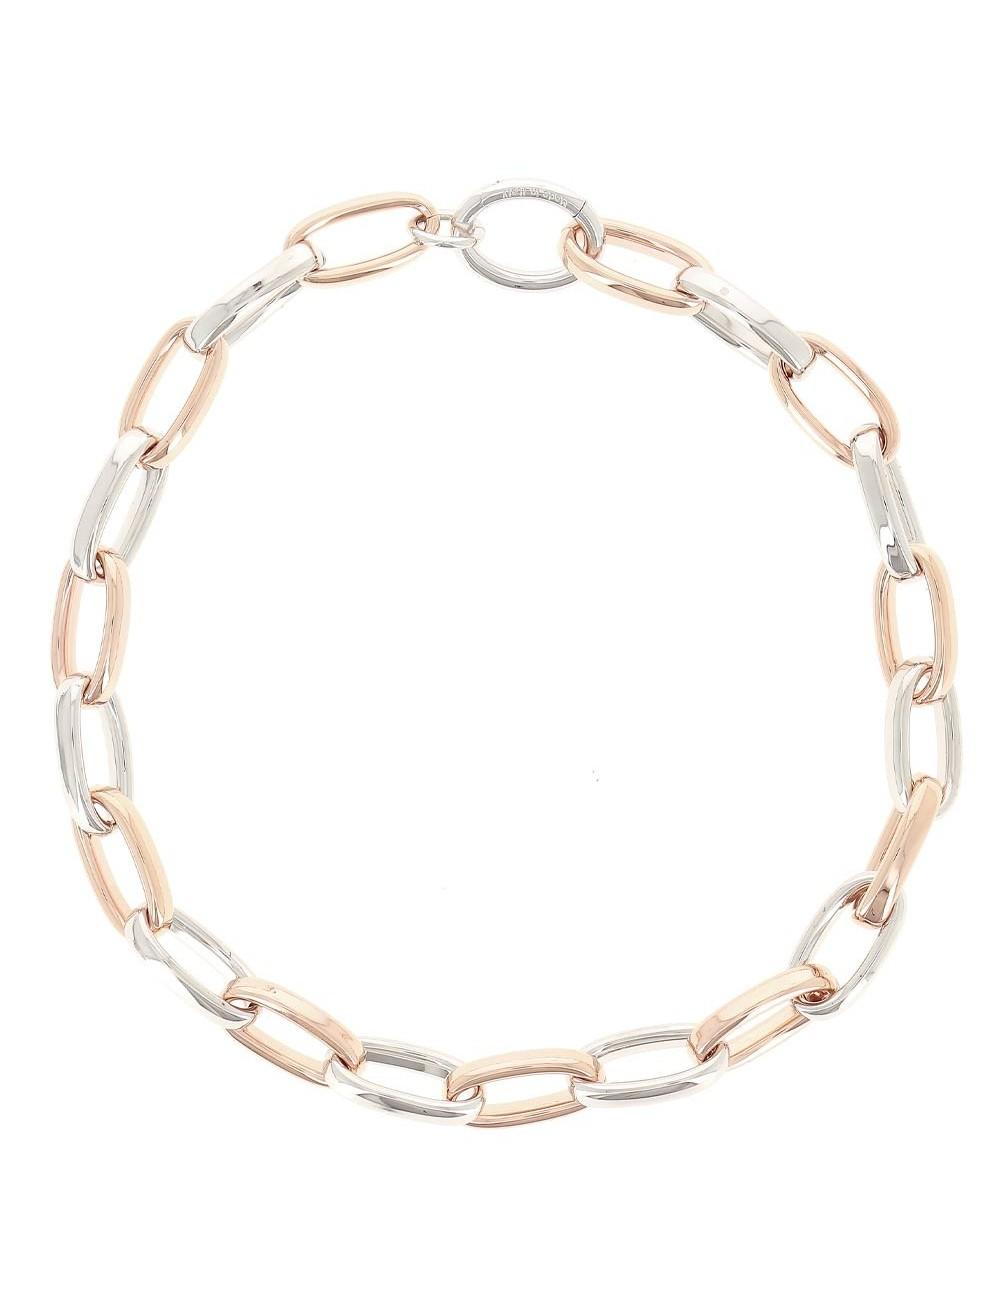 Pesavento -Collar Pesavento en plata forever chic collection -WPLVE1810